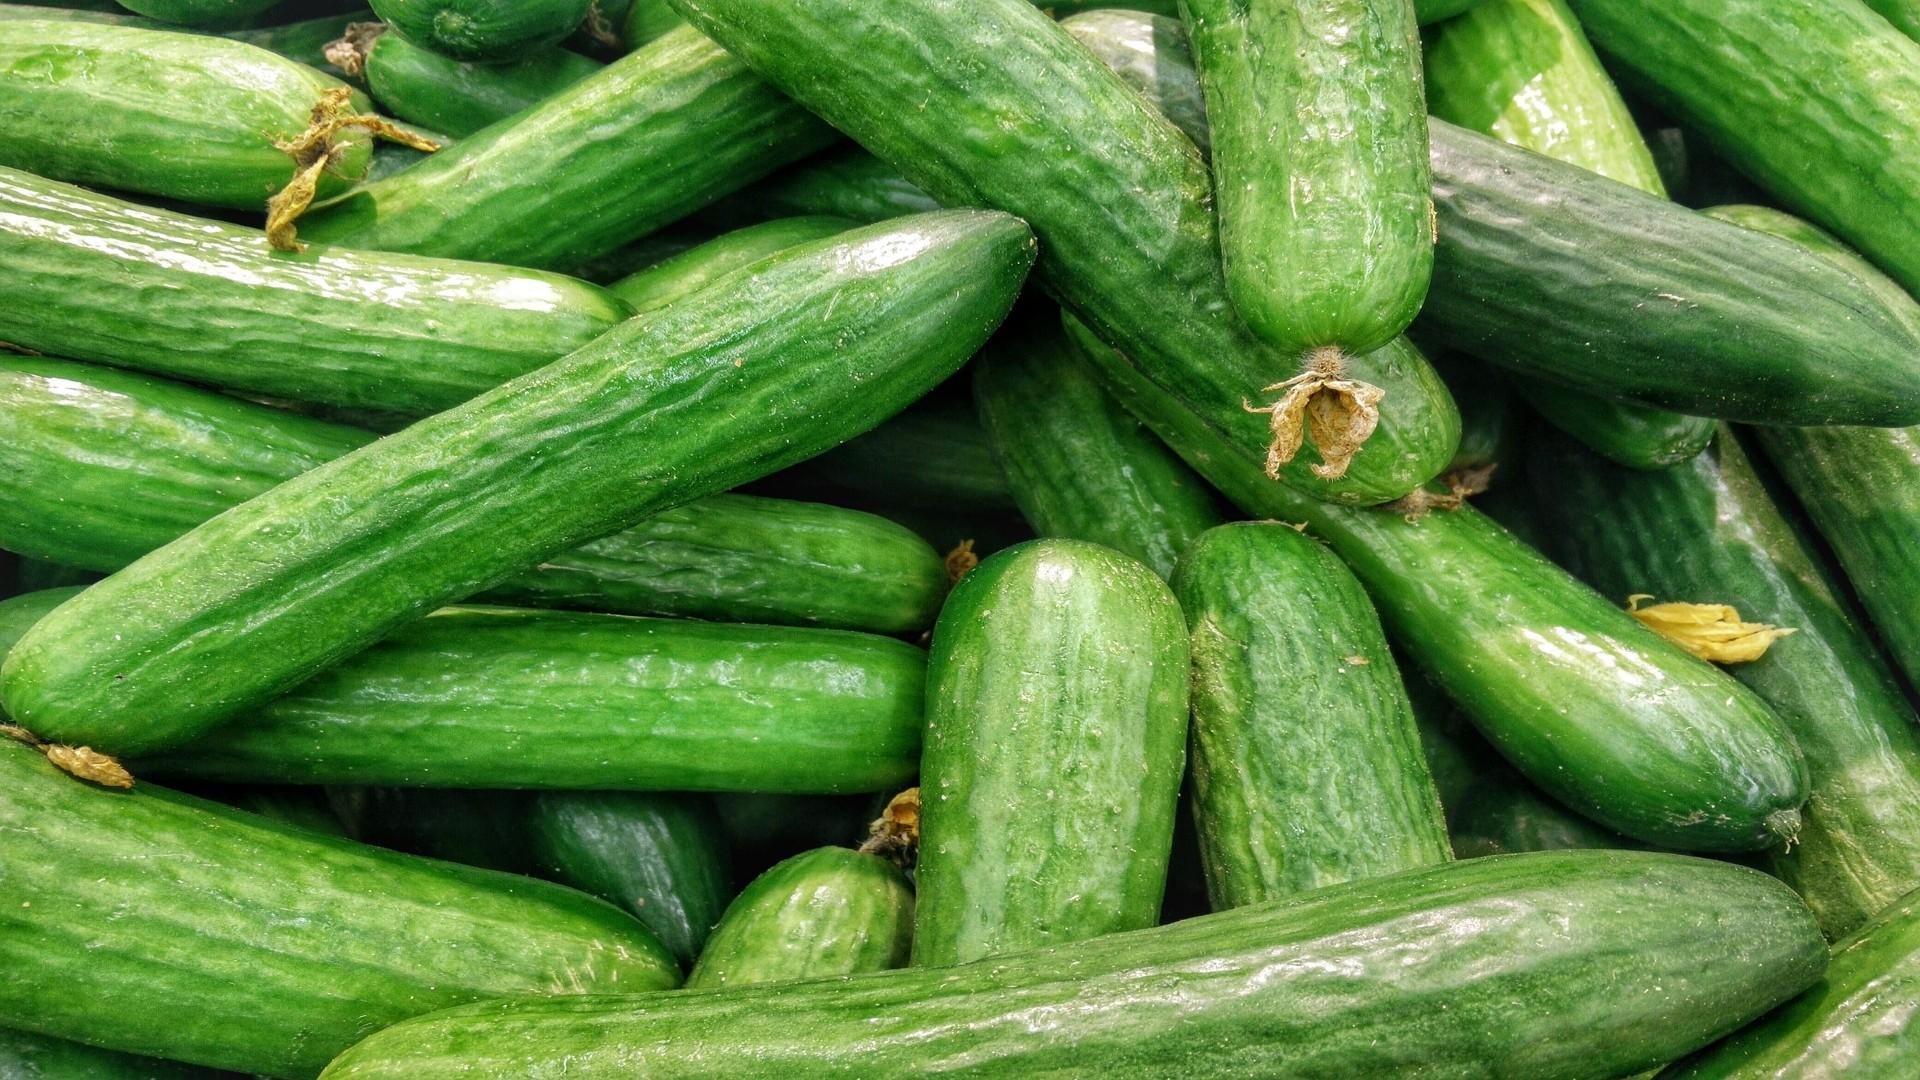 cucumbers-1081700_1920-1920x1080